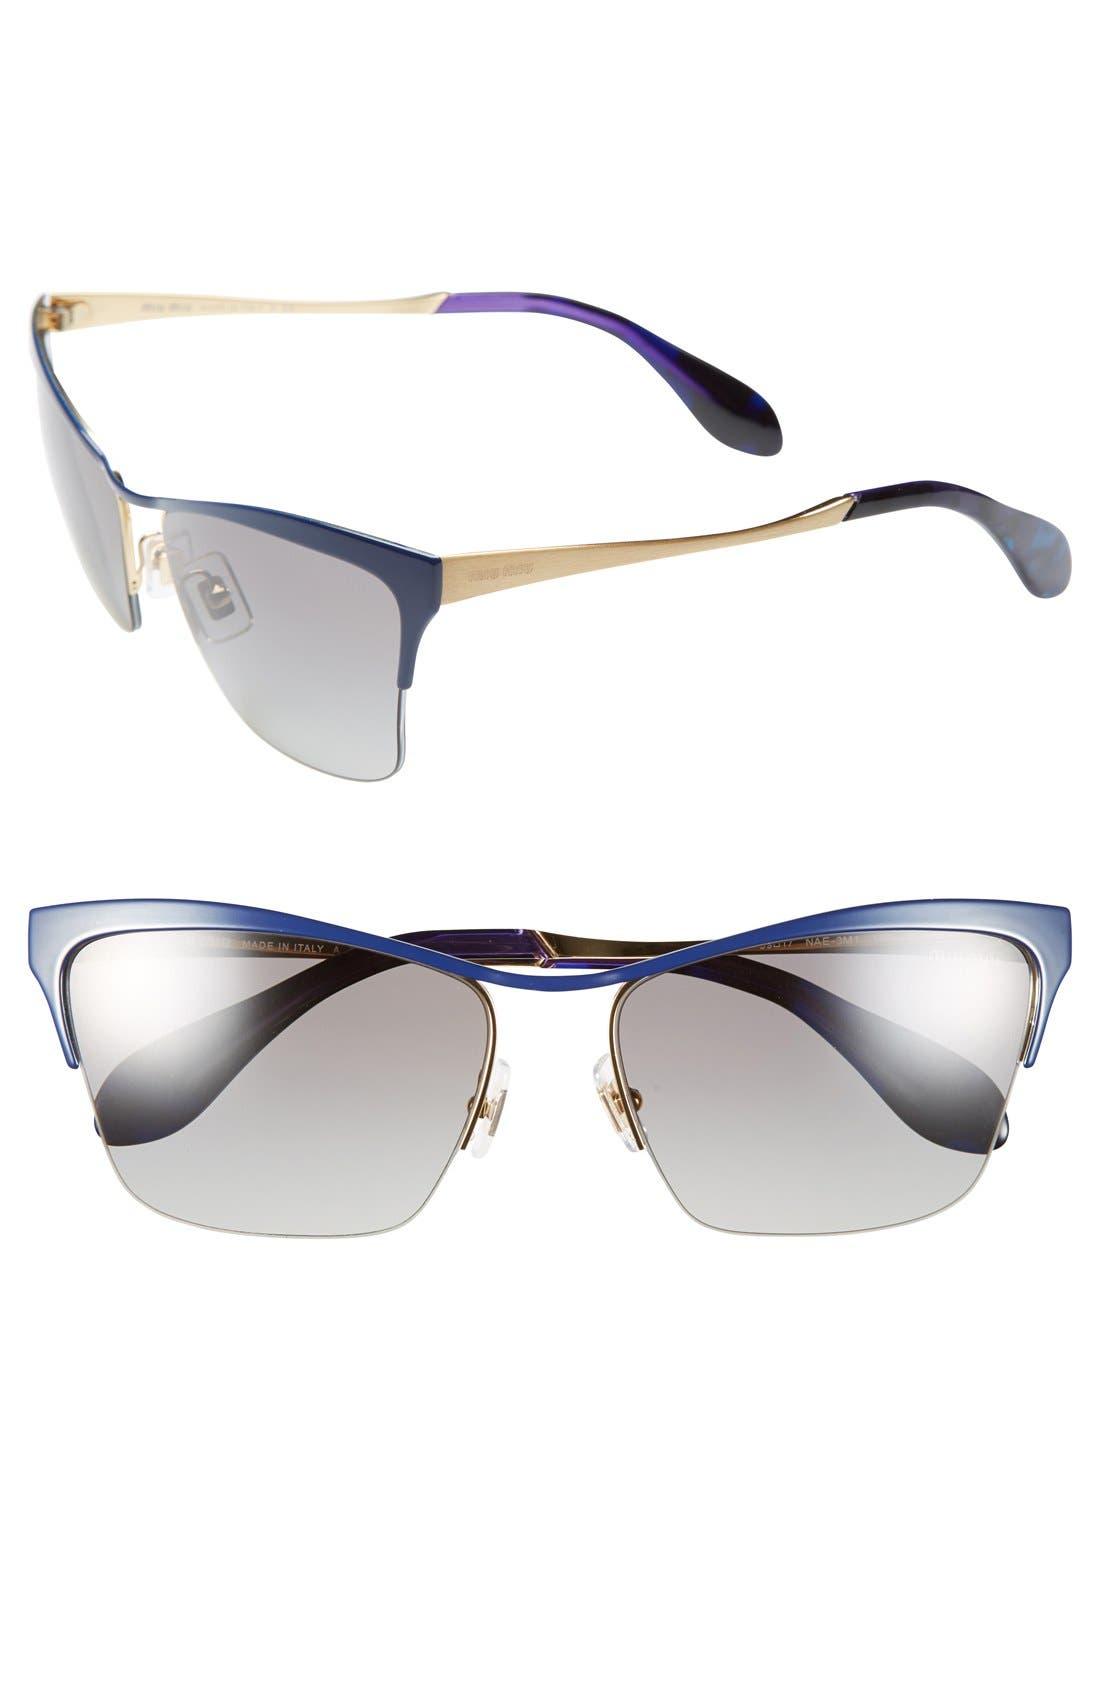 Main Image - Miu Miu 59mm Semi Rimless Sunglasses